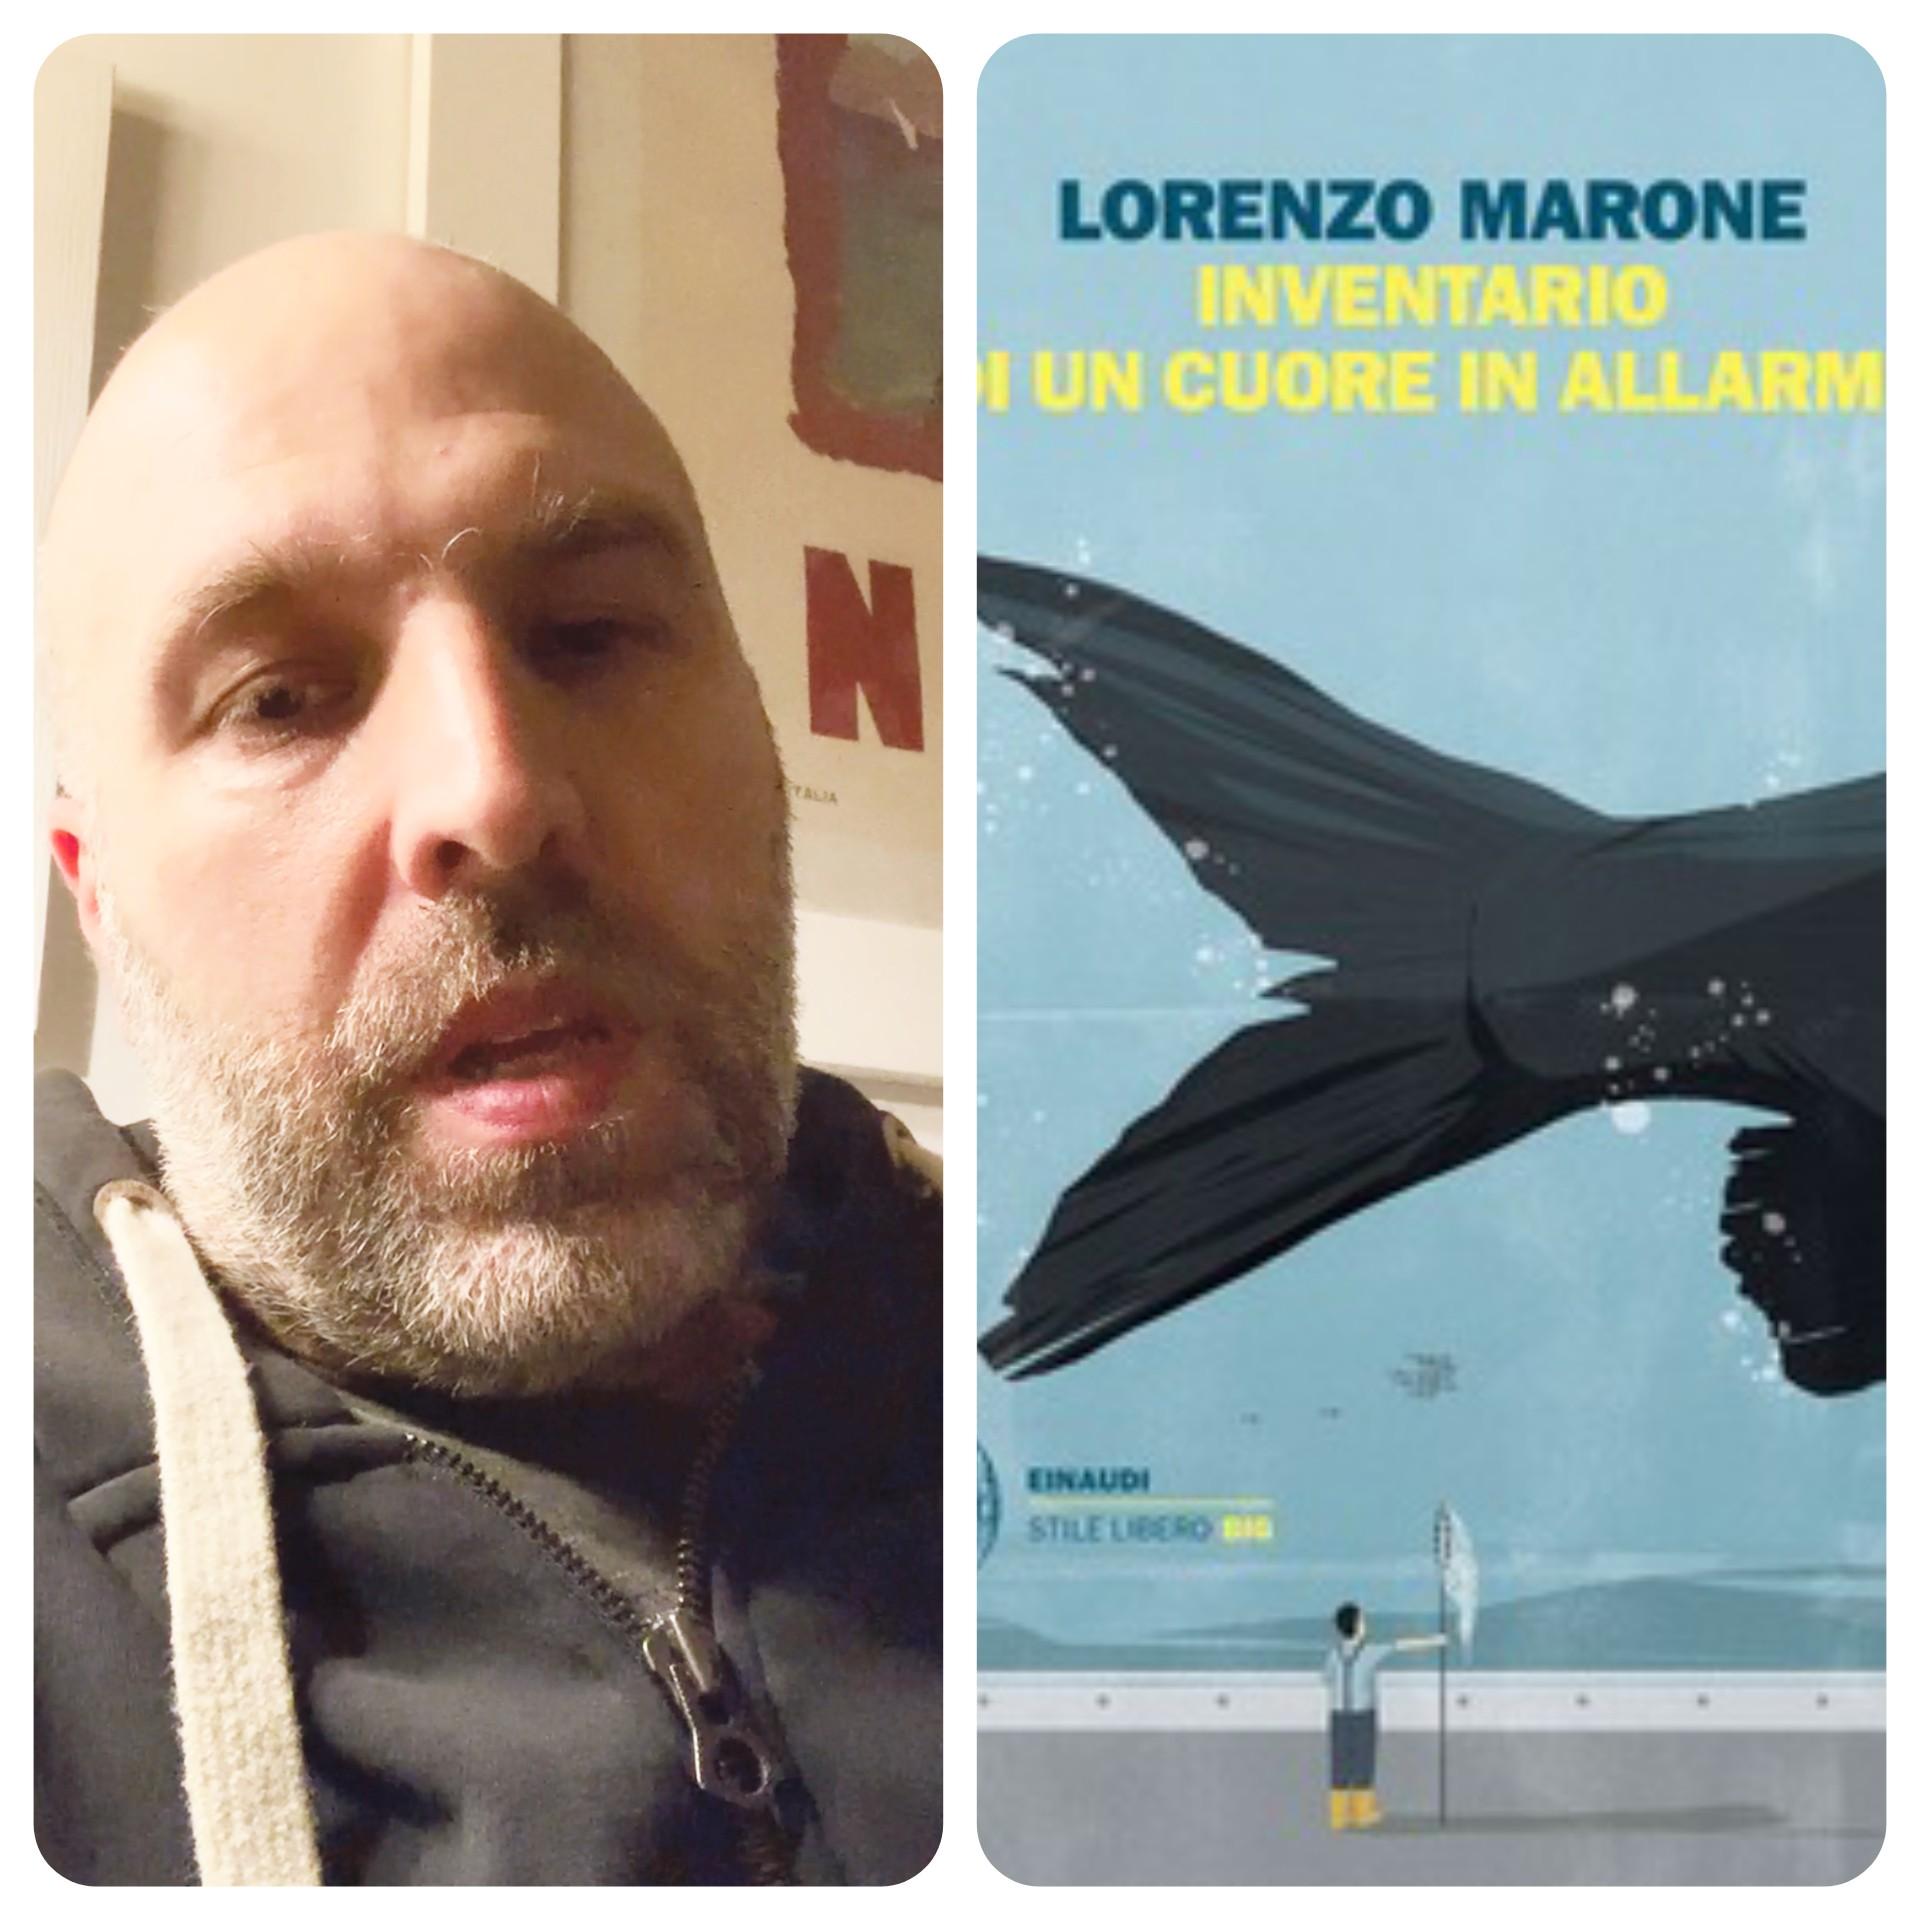 """""""Ve lo legge lo scrittore""""            Stasera ospite del Blog c'è Lorenzo Marone autore del saggio """"Inventario di un cuore in allarme"""" edito da Einaudi"""